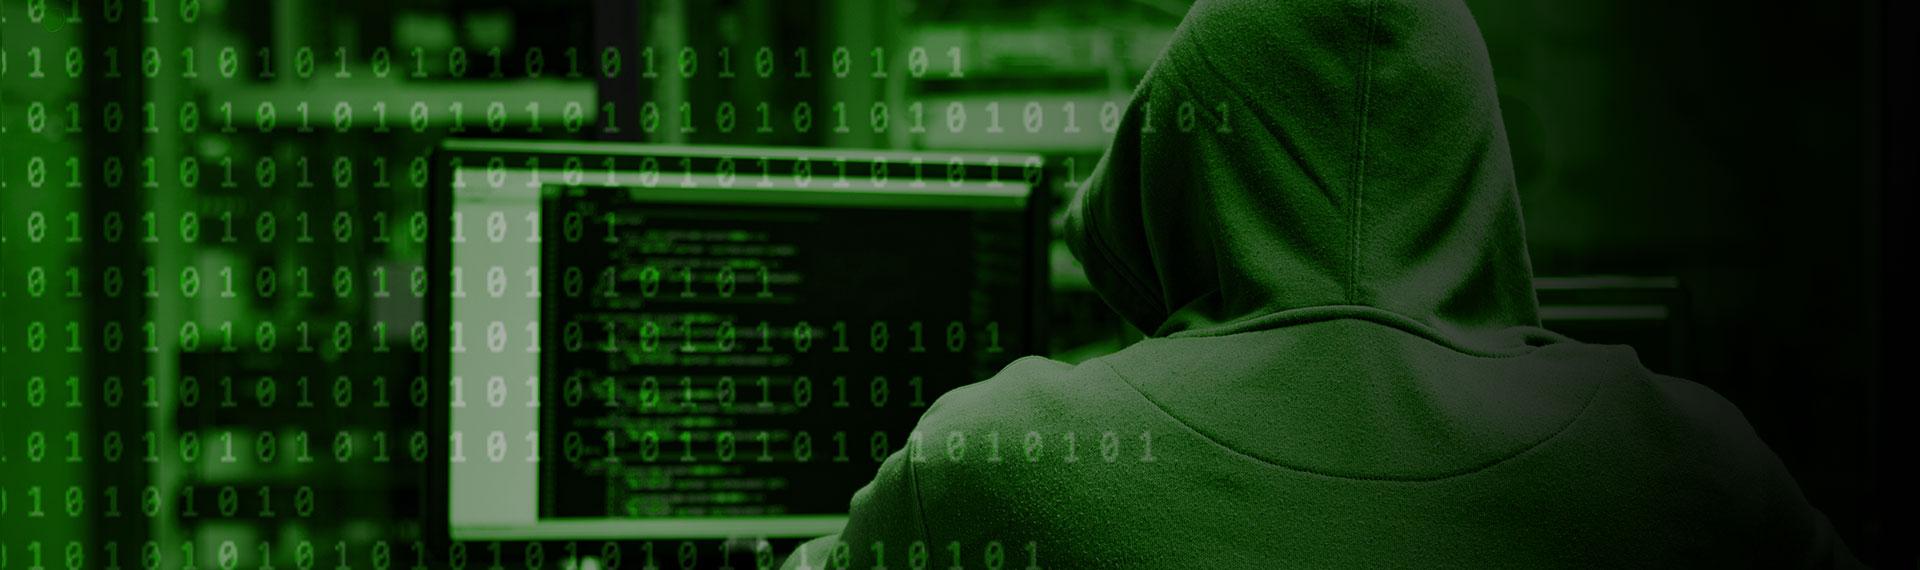 Sudah Tahu Apa Perbedaan Dark Web dan Deep Web?